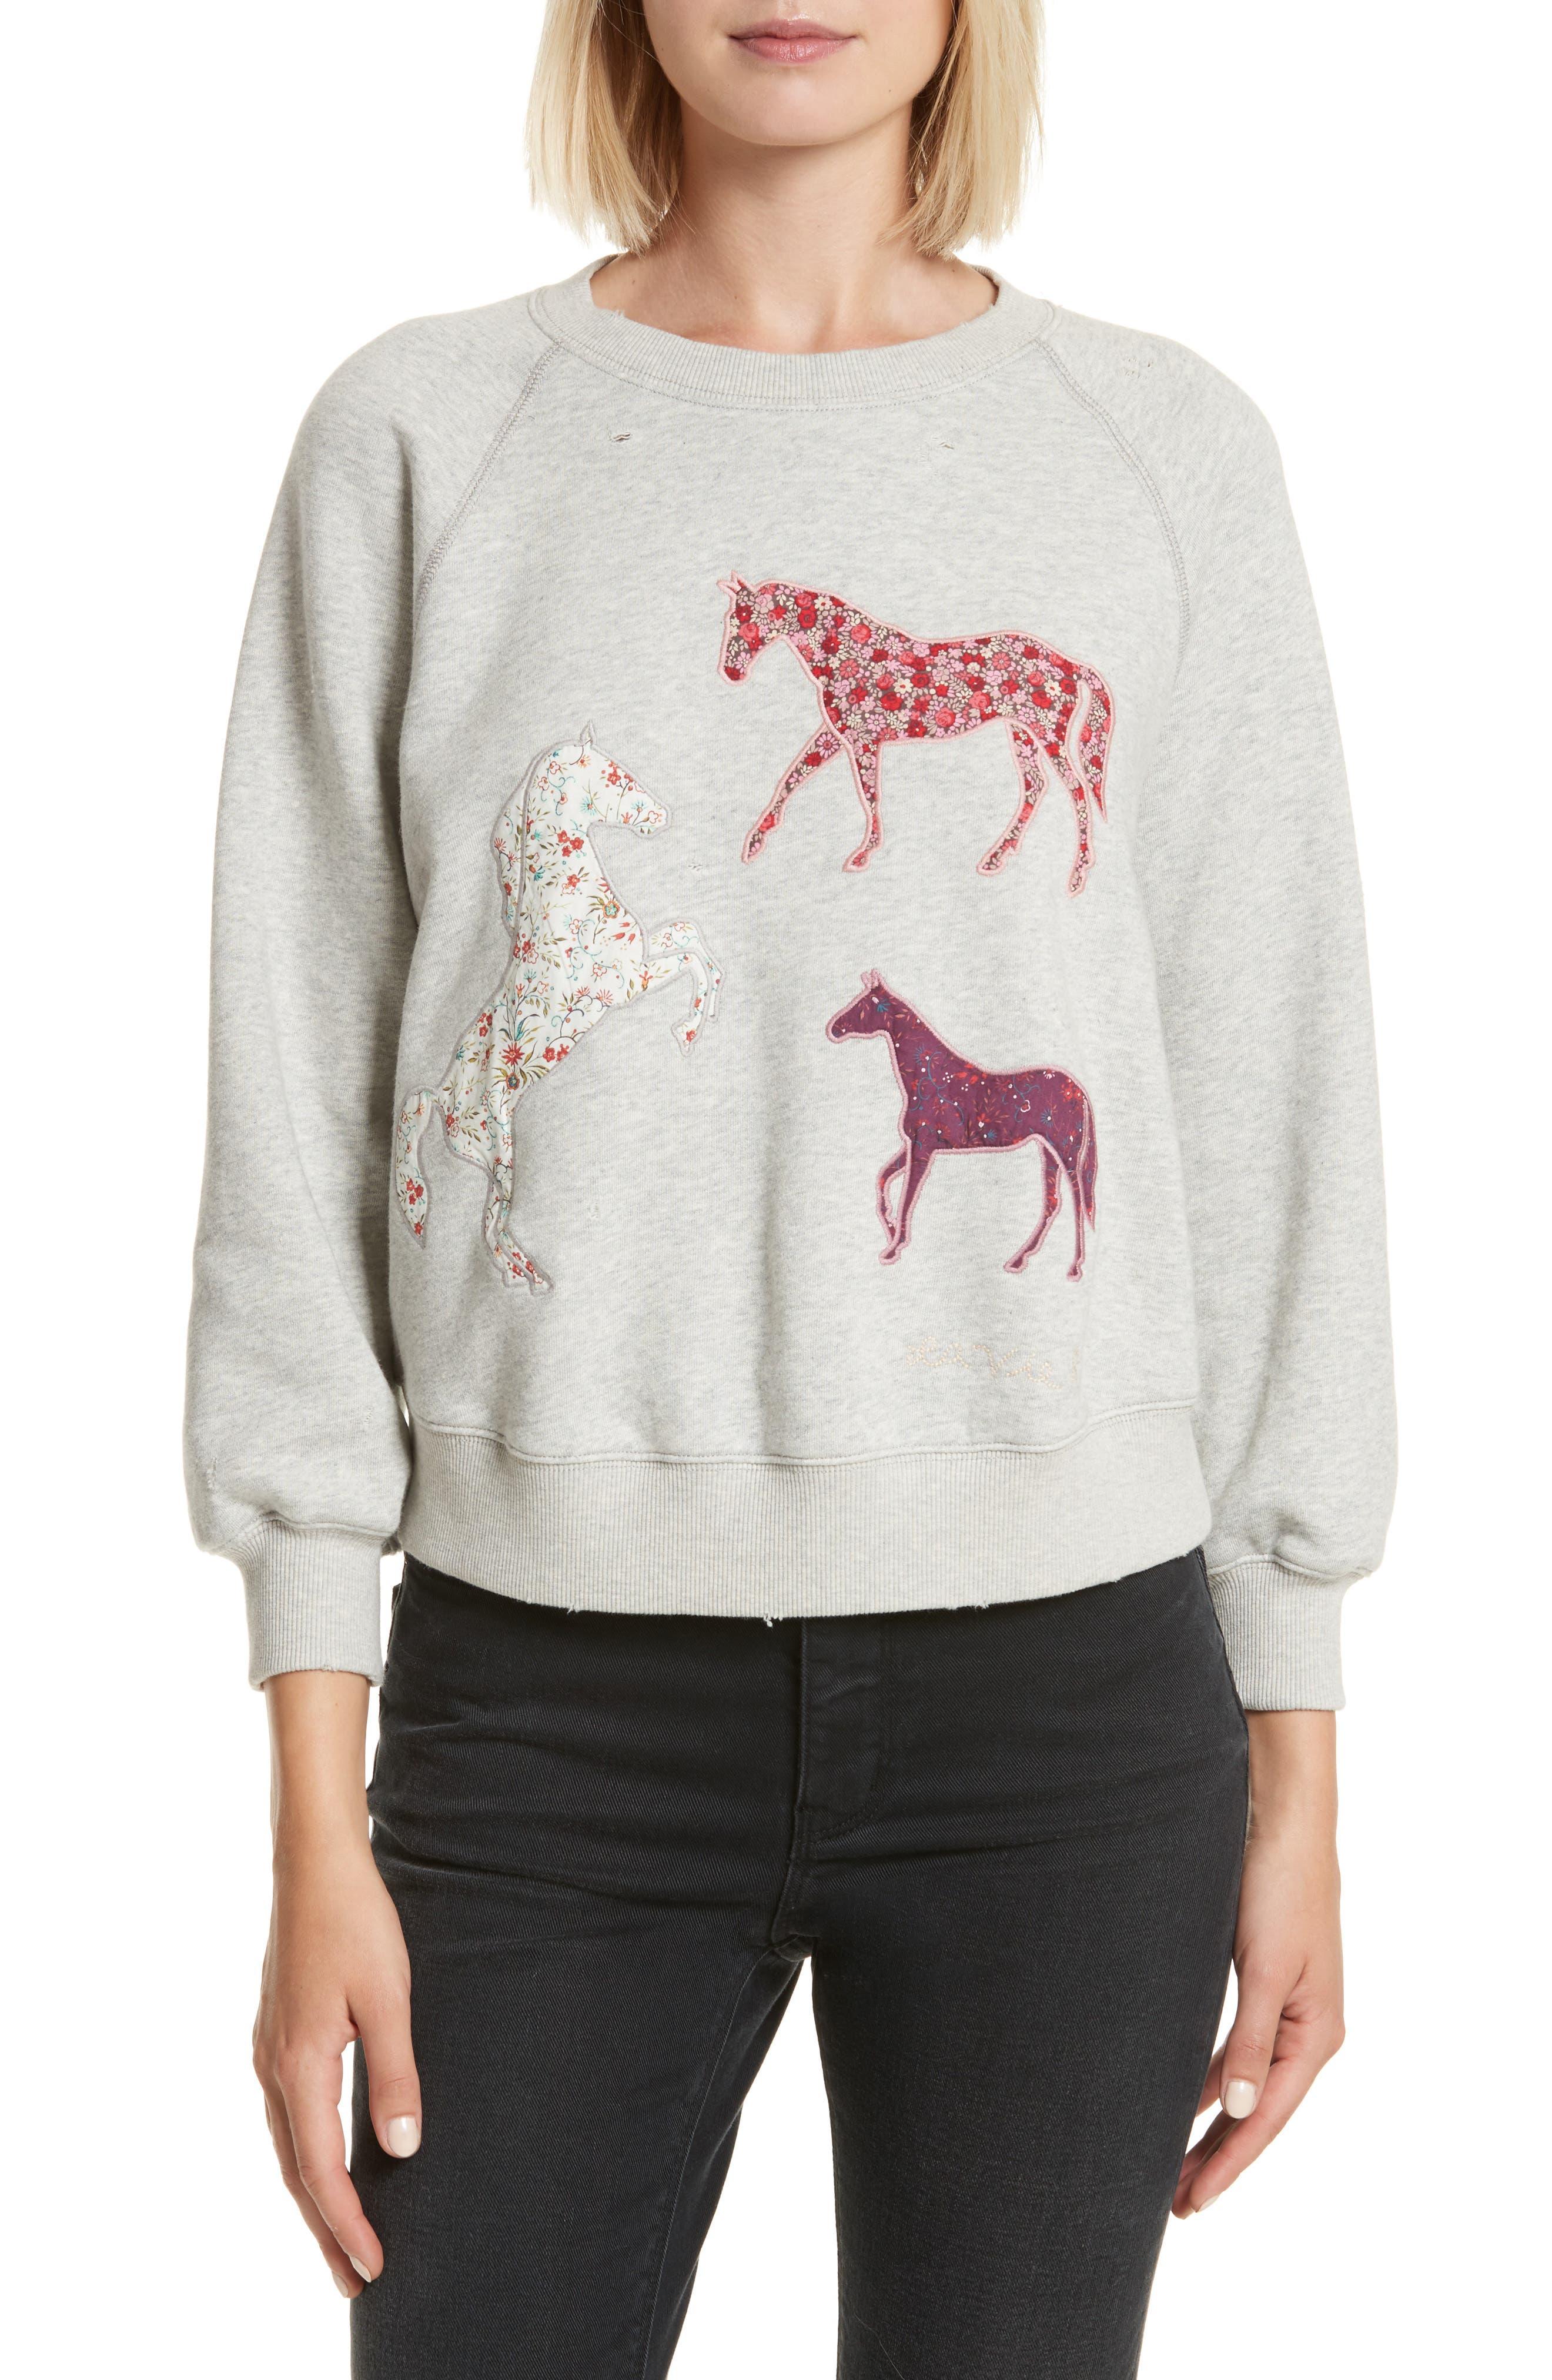 La Vie Rebecca Taylor Appliqué Fleece Sweatshirt